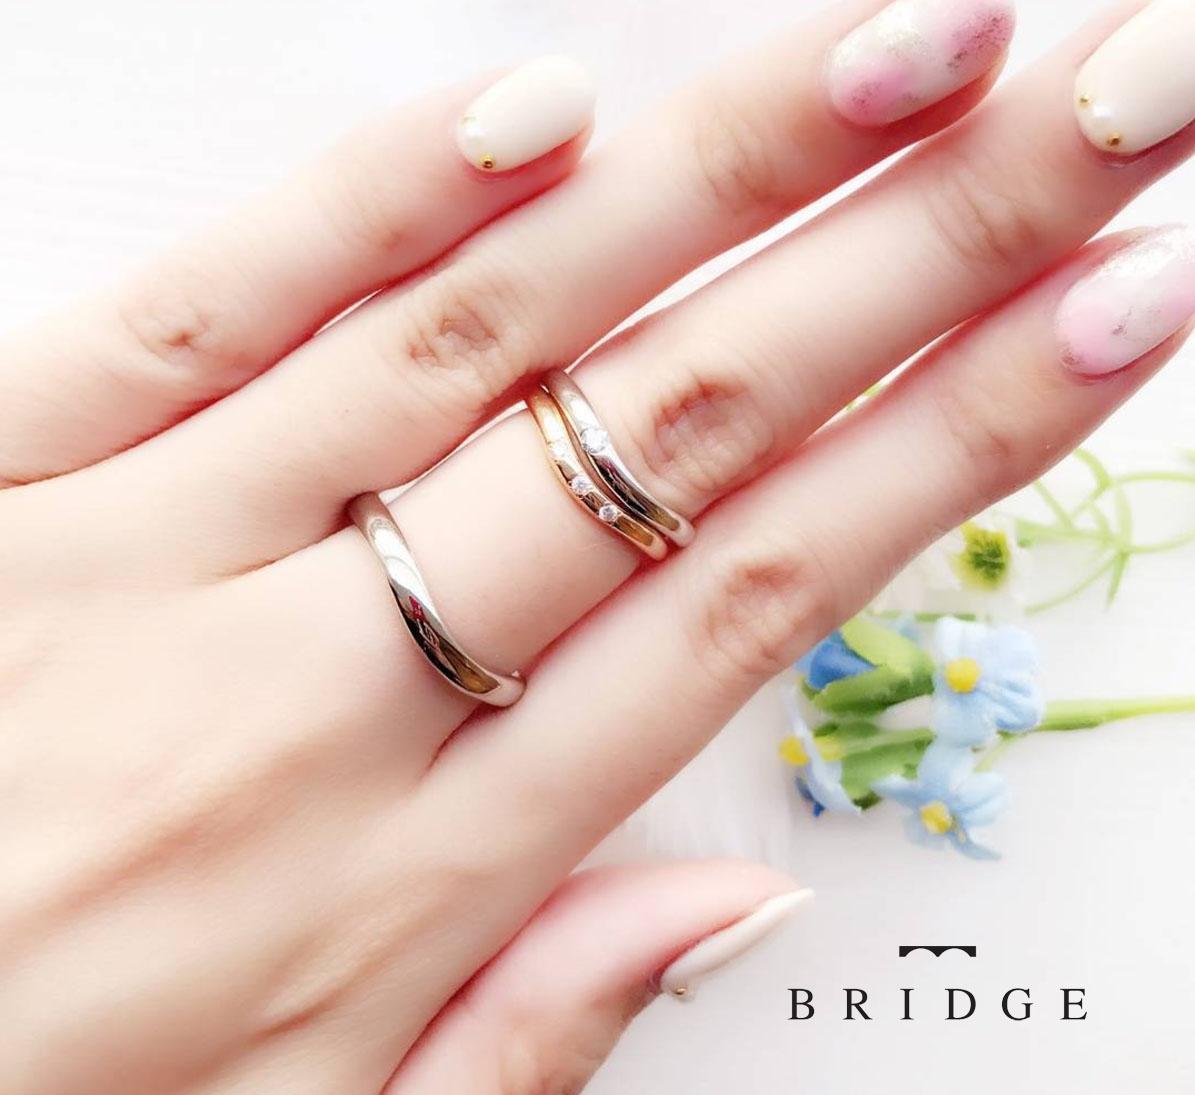 ブライダルリング専門店BRIDGE銀座がオススメする Ⅴラインが美しい、朝露がモチーフのシンプルで上品な大人可愛い結婚指輪